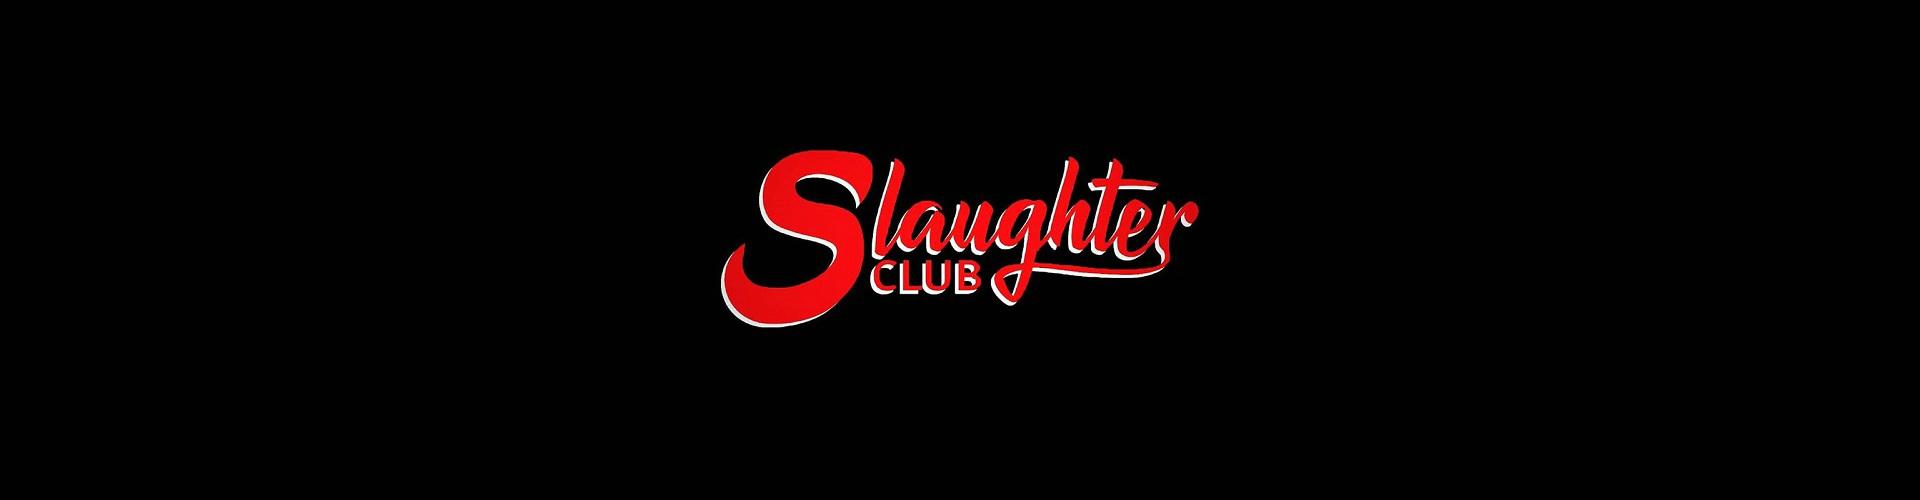 Slaughter Club Paderno Dugnano Milano Biglietti Concerti mailticket